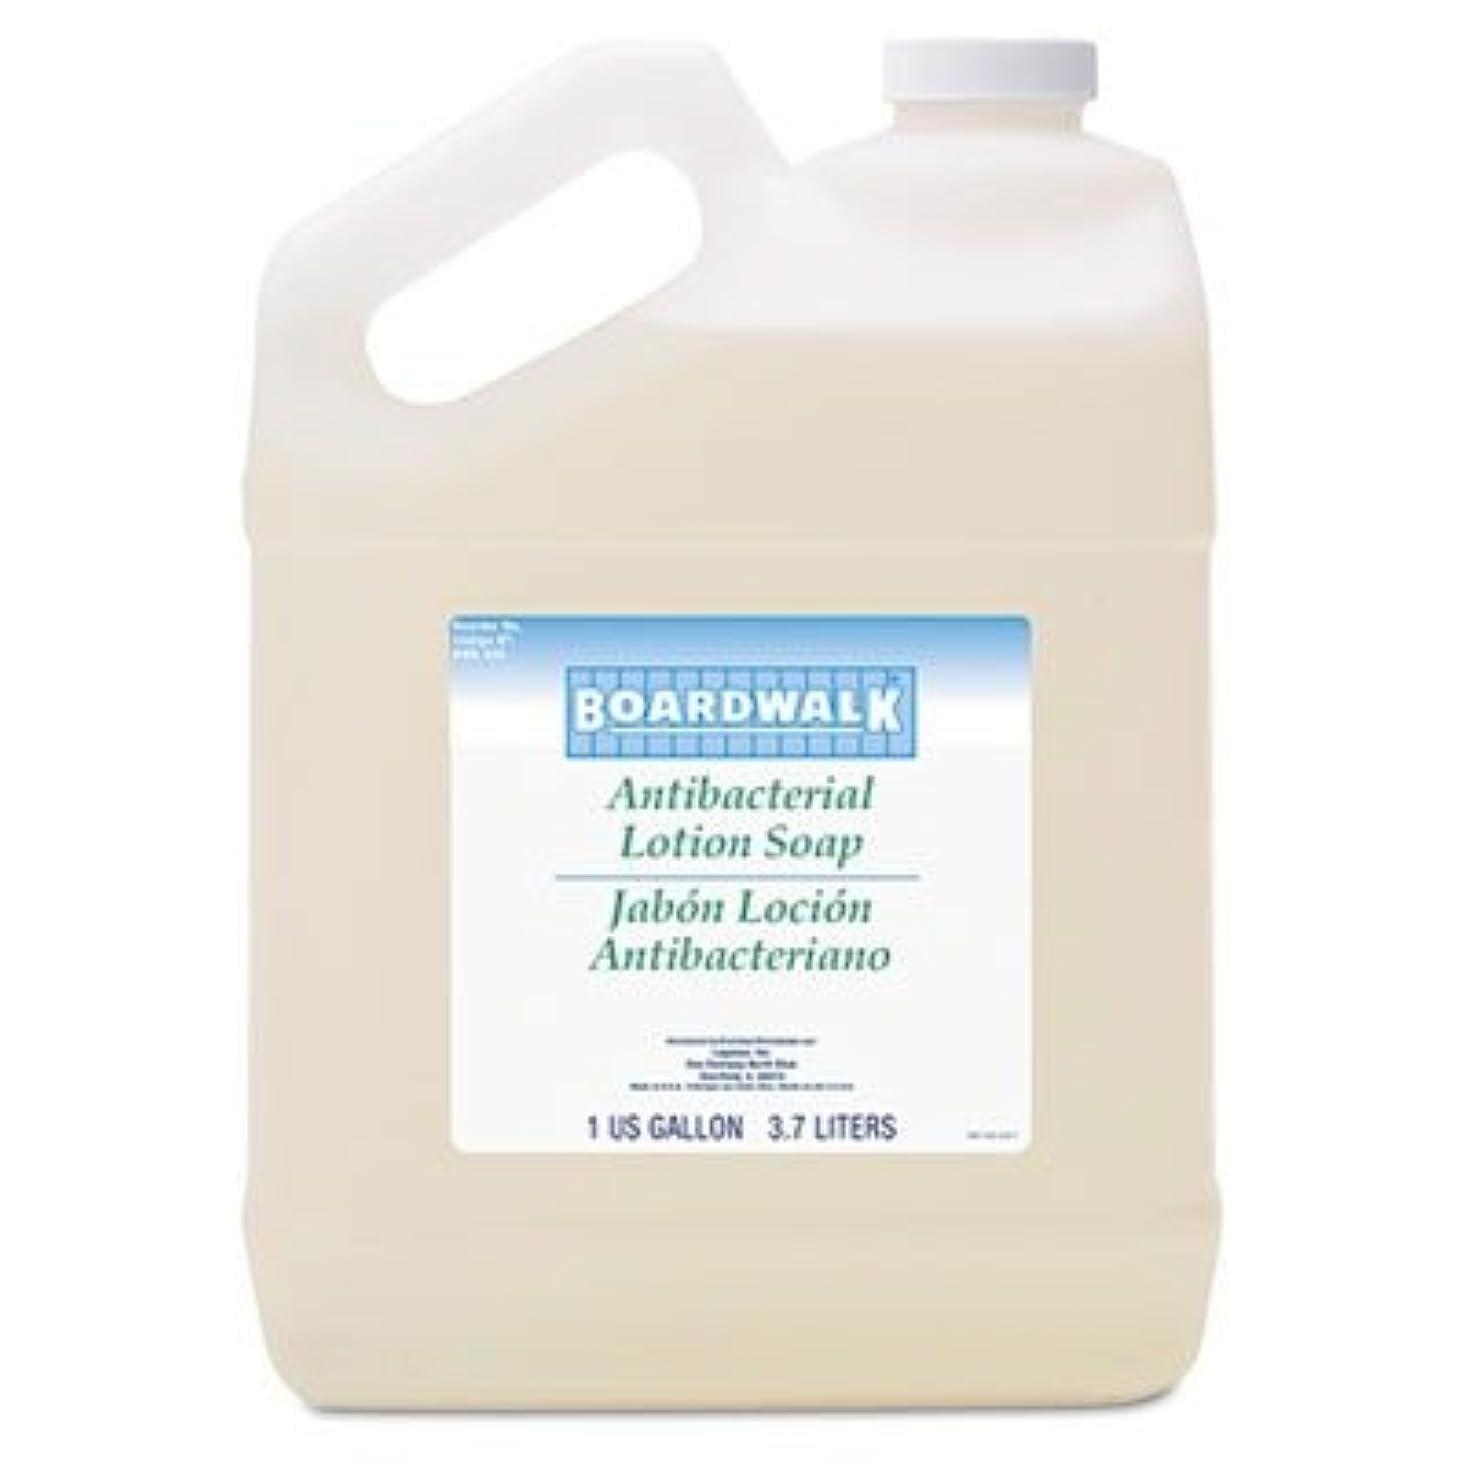 突破口崩壊鎖ボードウォーク430ea抗菌Liquid Soap、花柄Balsam、1ガロンボトル